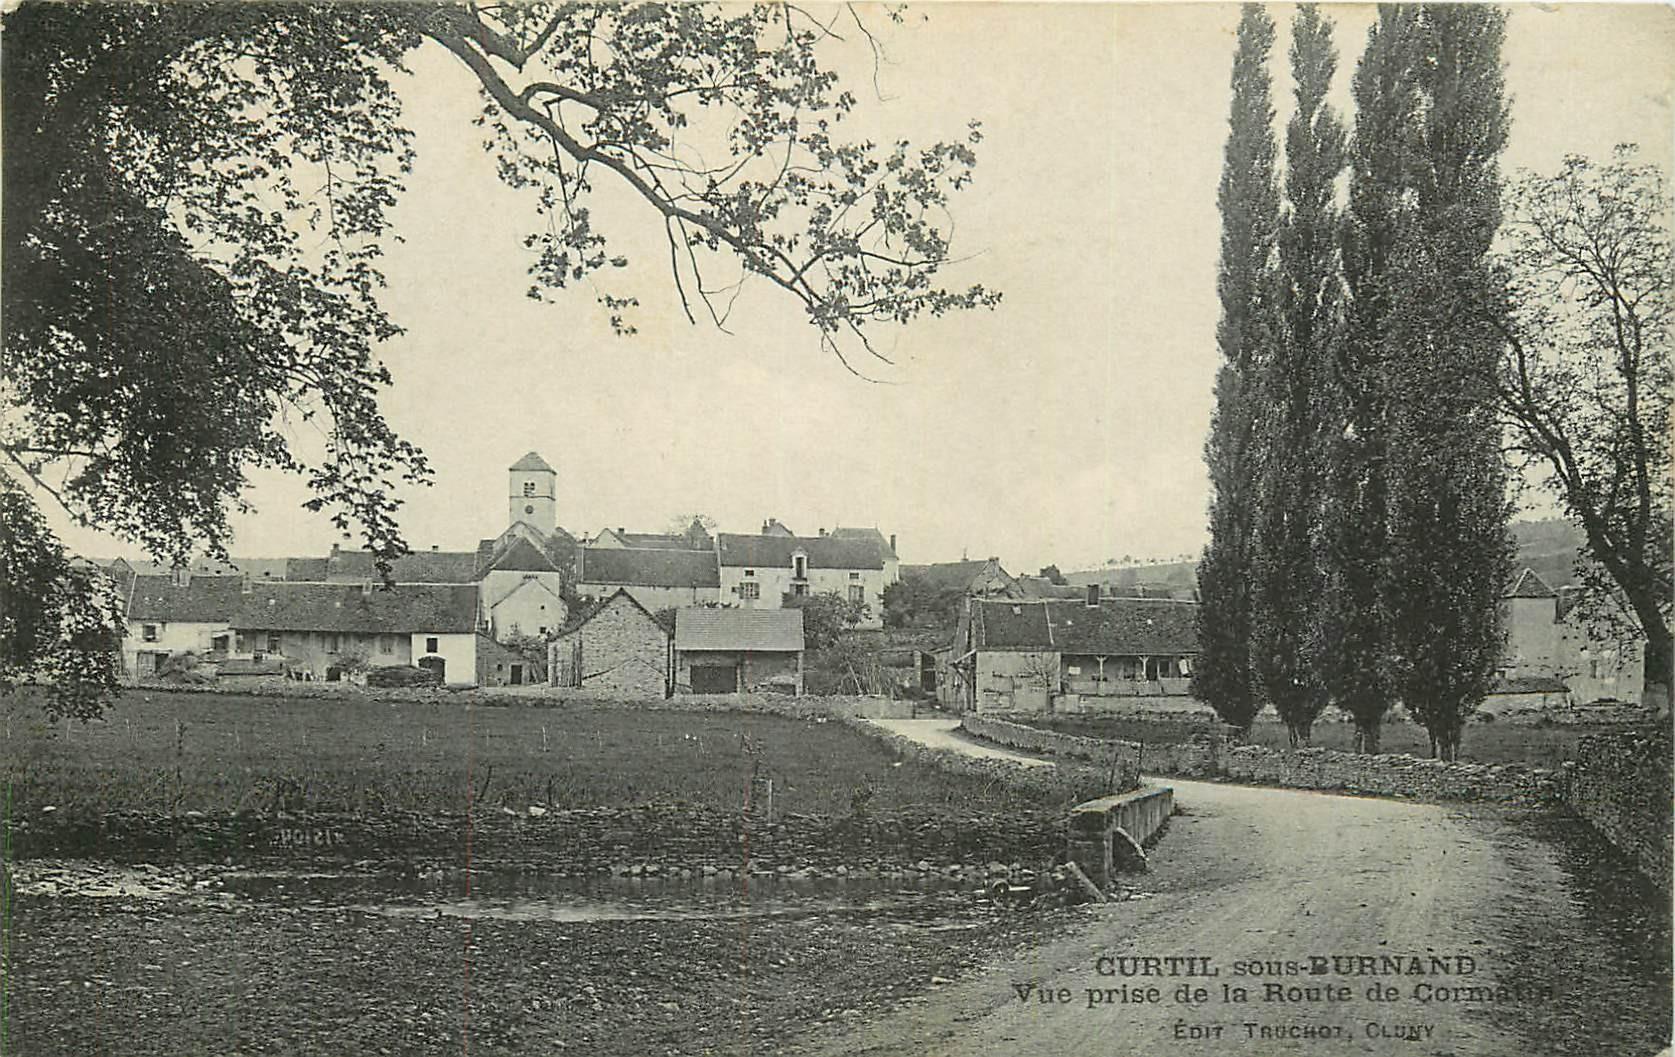 71 CURTIL-SOUS-BURNAND. Route de Cormatin 1912